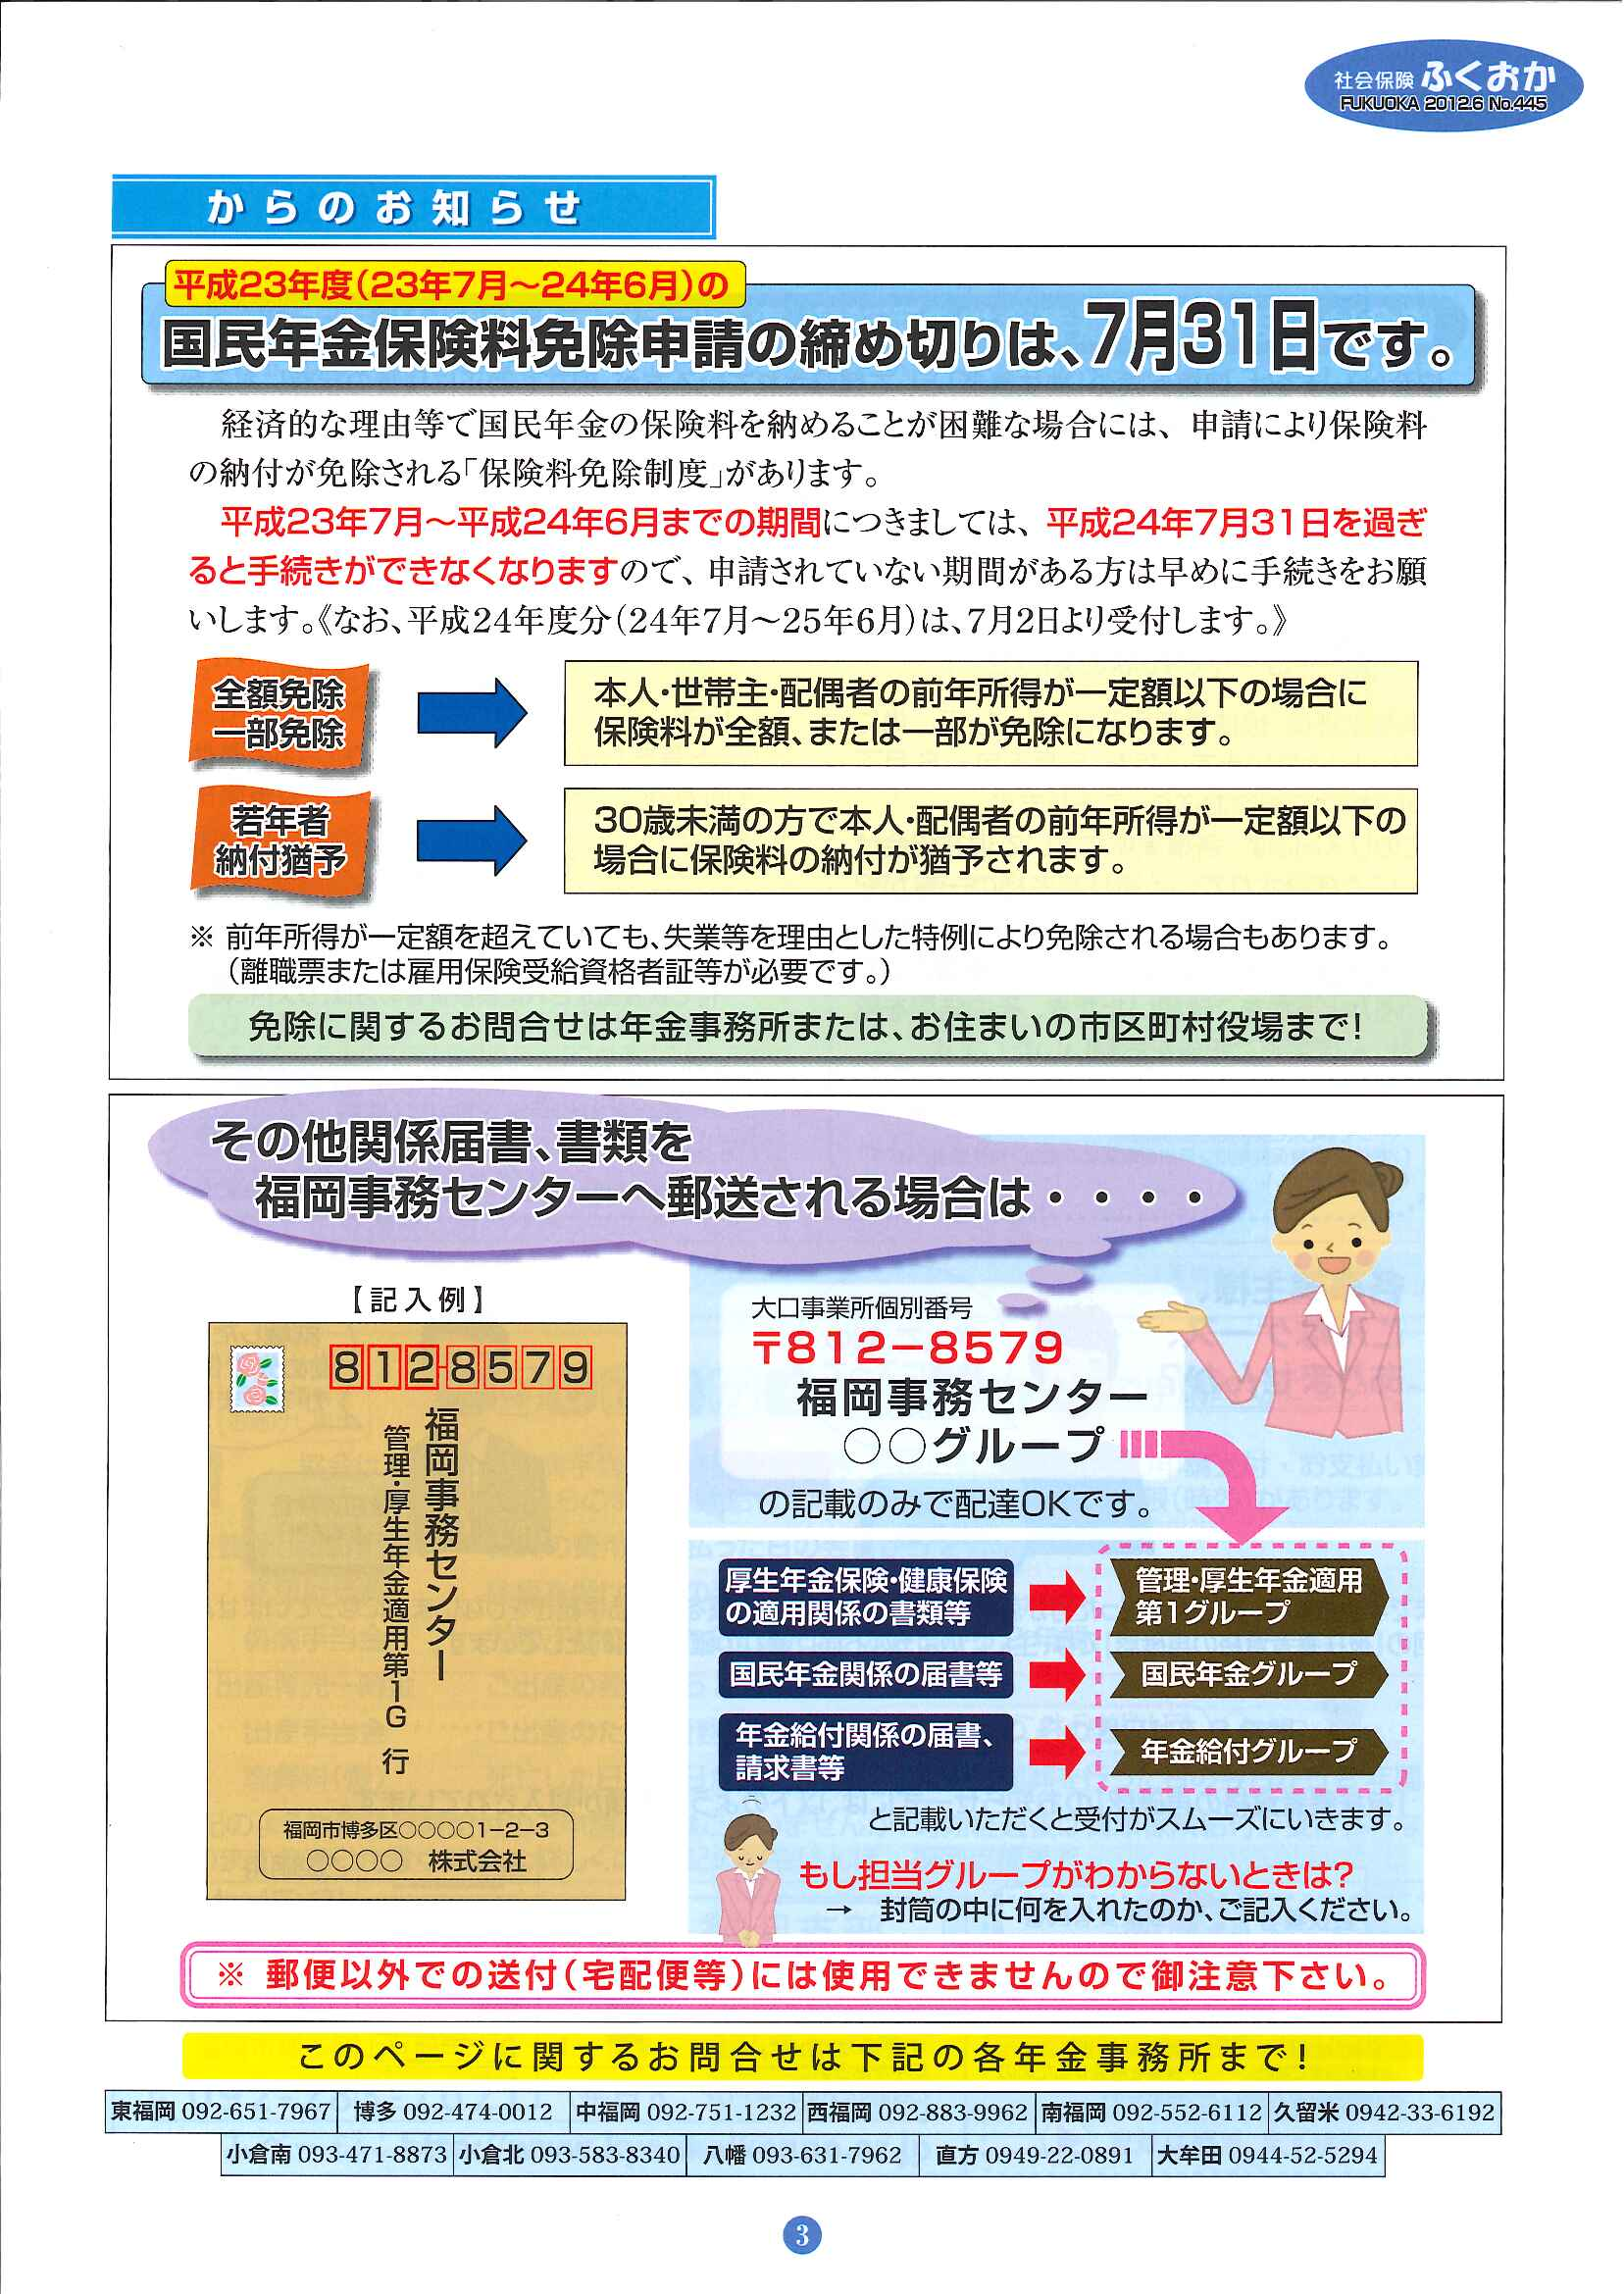 社会保険 「ふくおか」 2012 6月号_f0120774_15104551.jpg